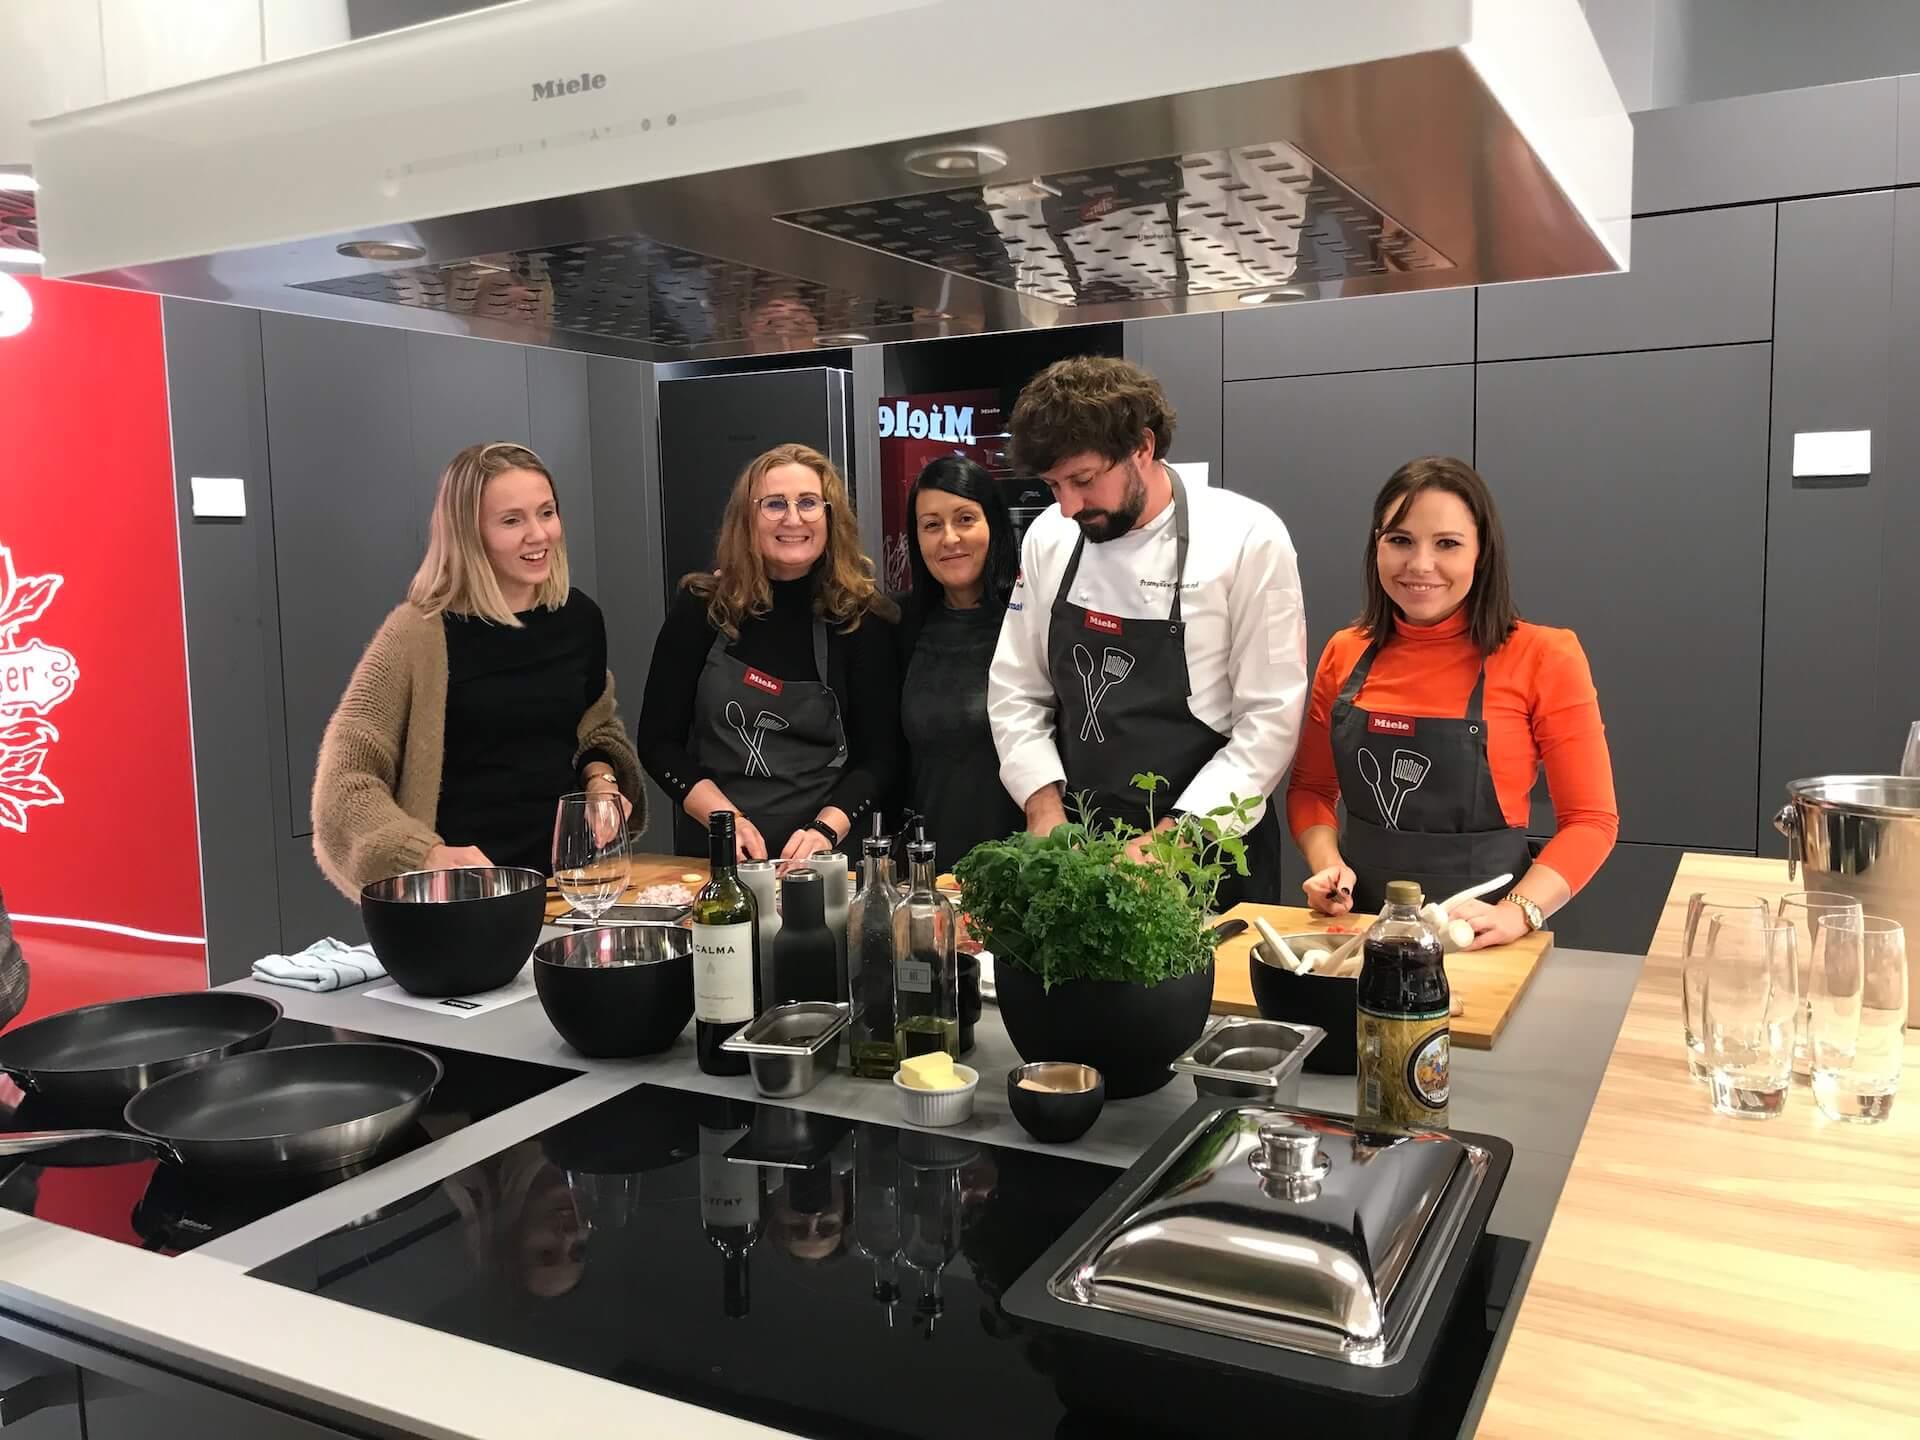 Warszataty kulinarne Miele Kitchen Experience